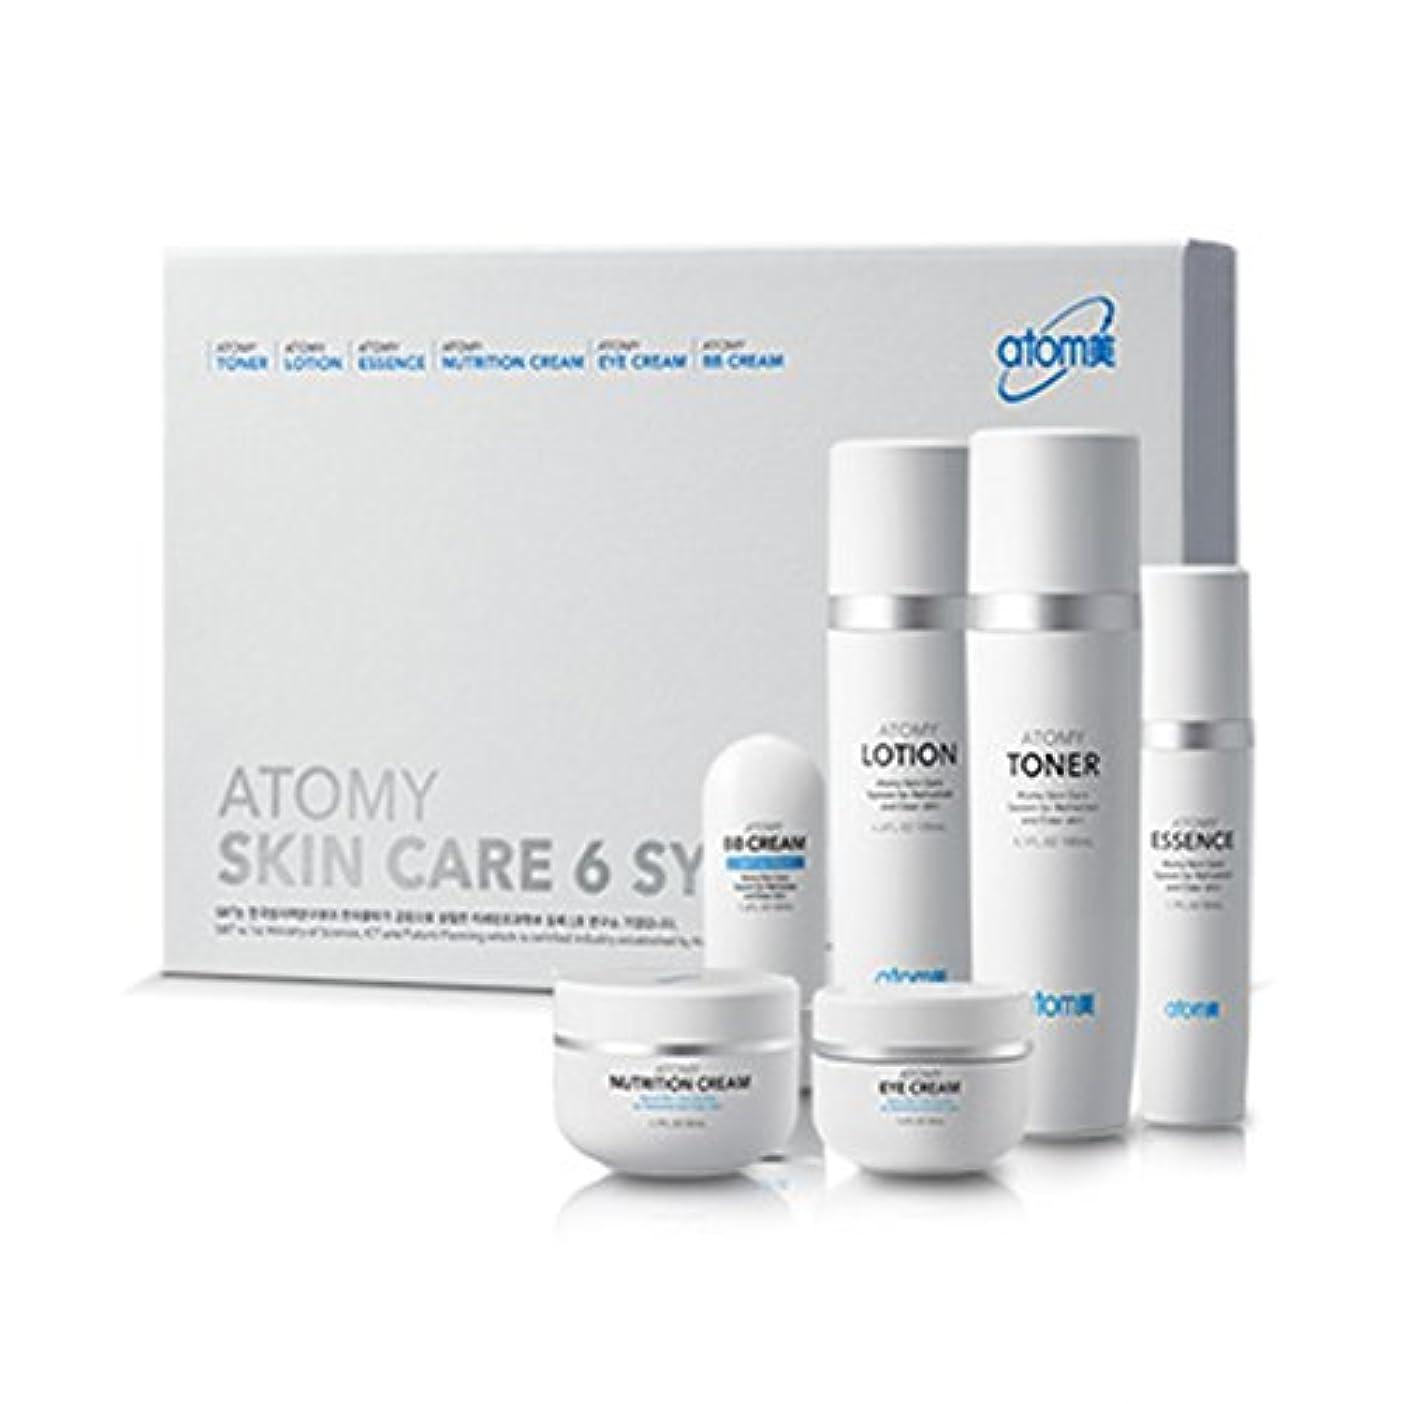 劣る余韻財産[Atom美 アトミ/ Atomy] Atomi Skin Care 6 System/スキンケア6システム+[Sample Gift](海外直送品)